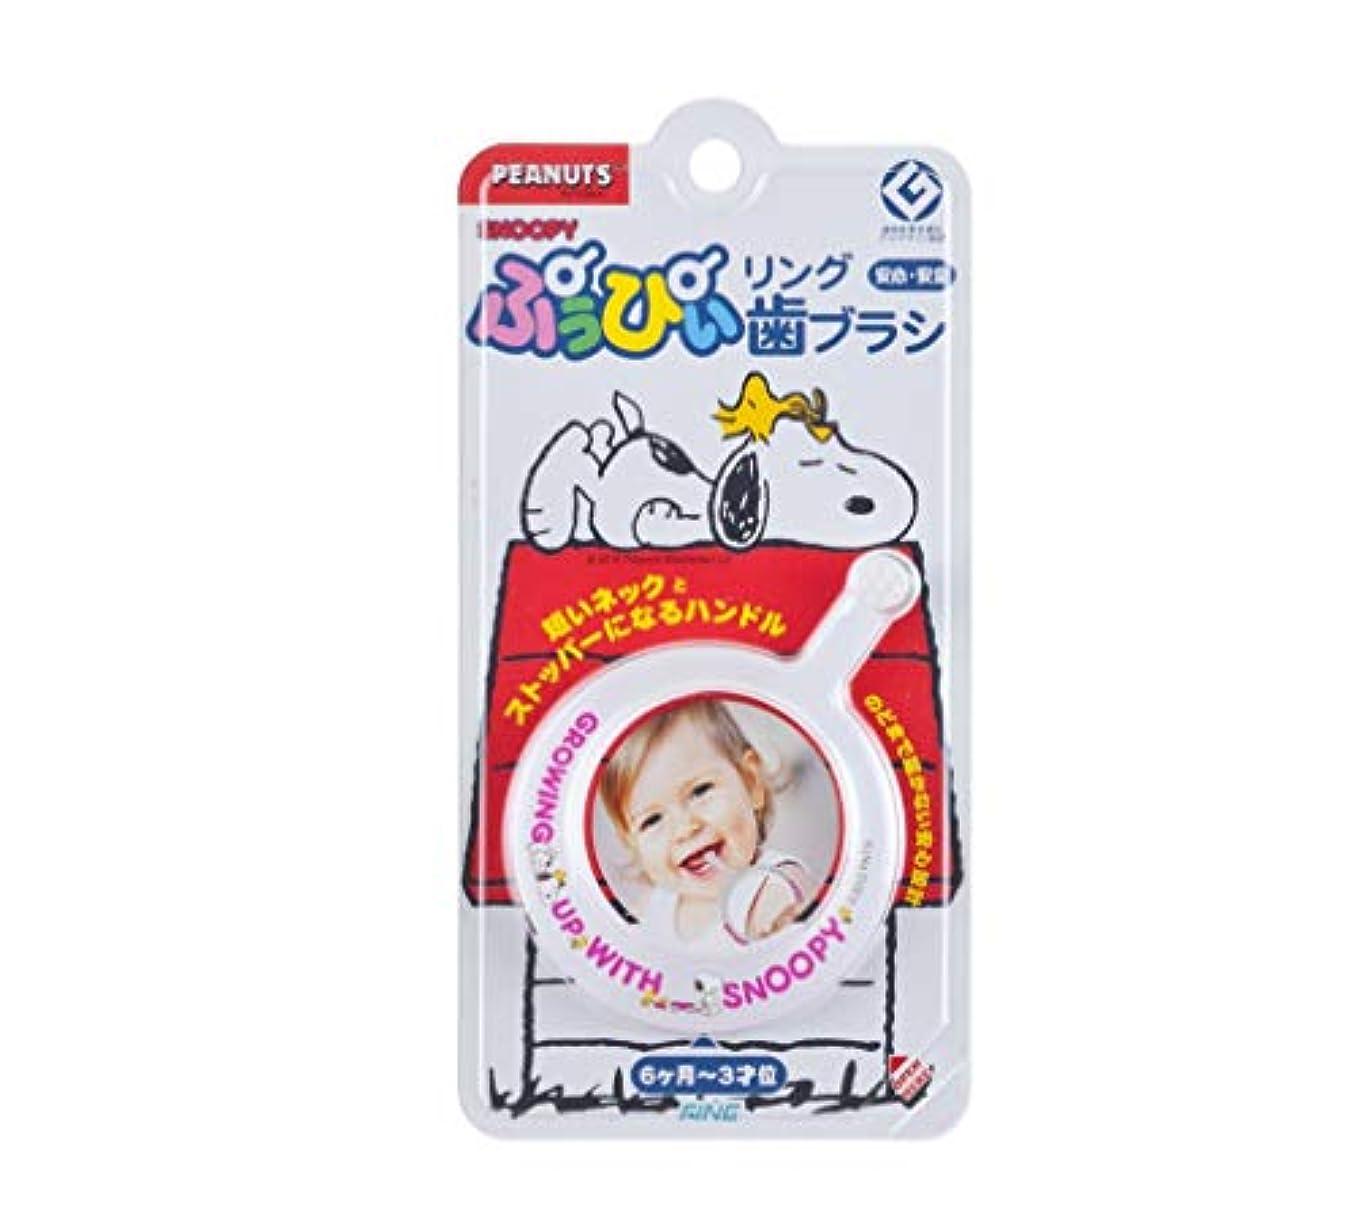 馬鹿研究所適切にSNOOPY スヌーピー ぷぅぴぃ リング歯ブラシ